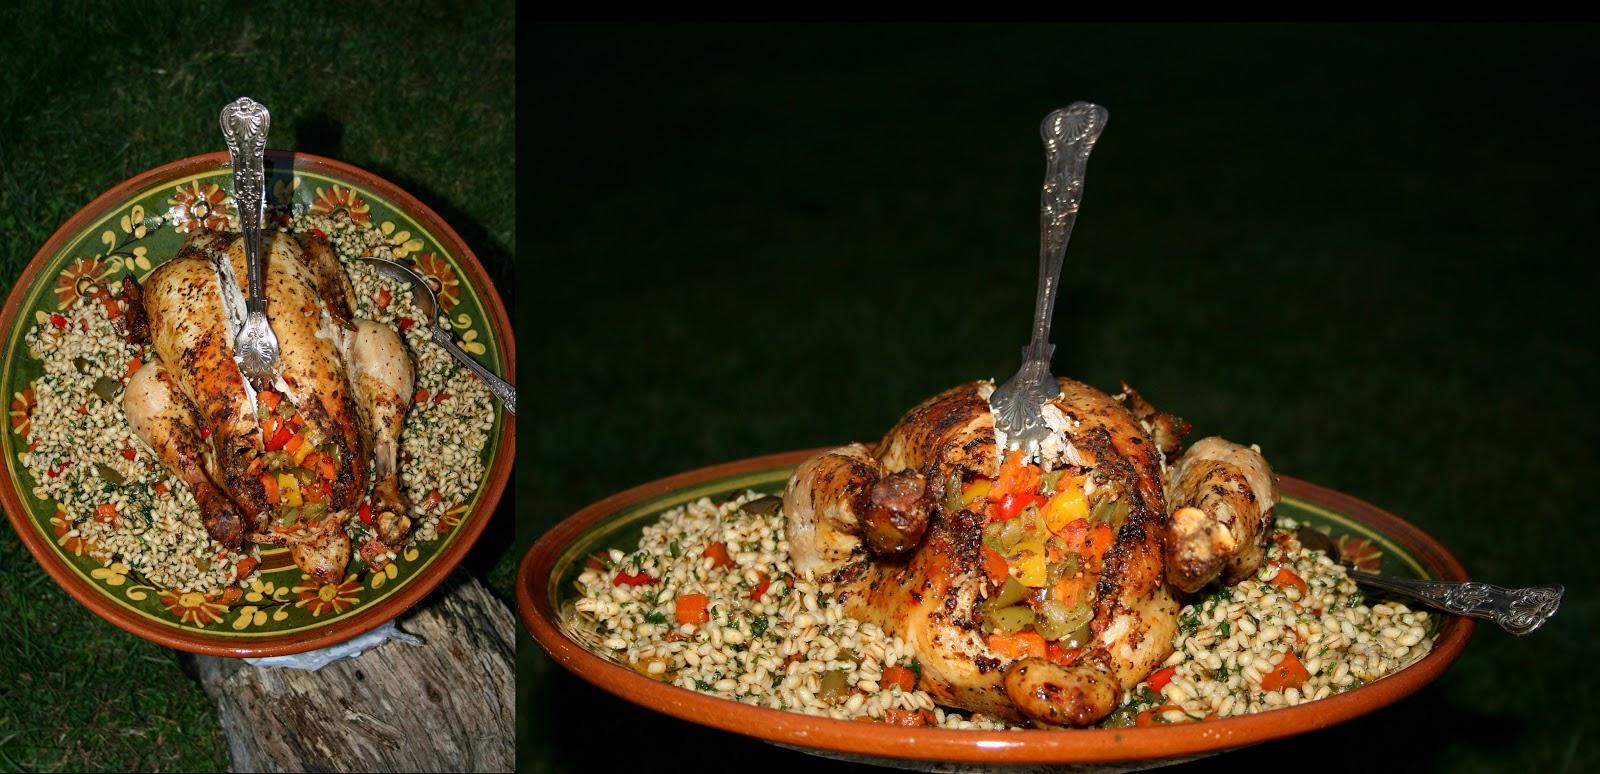 Pieczony kurczak nadziany warzywami z pęczakiem z nuta ostrości